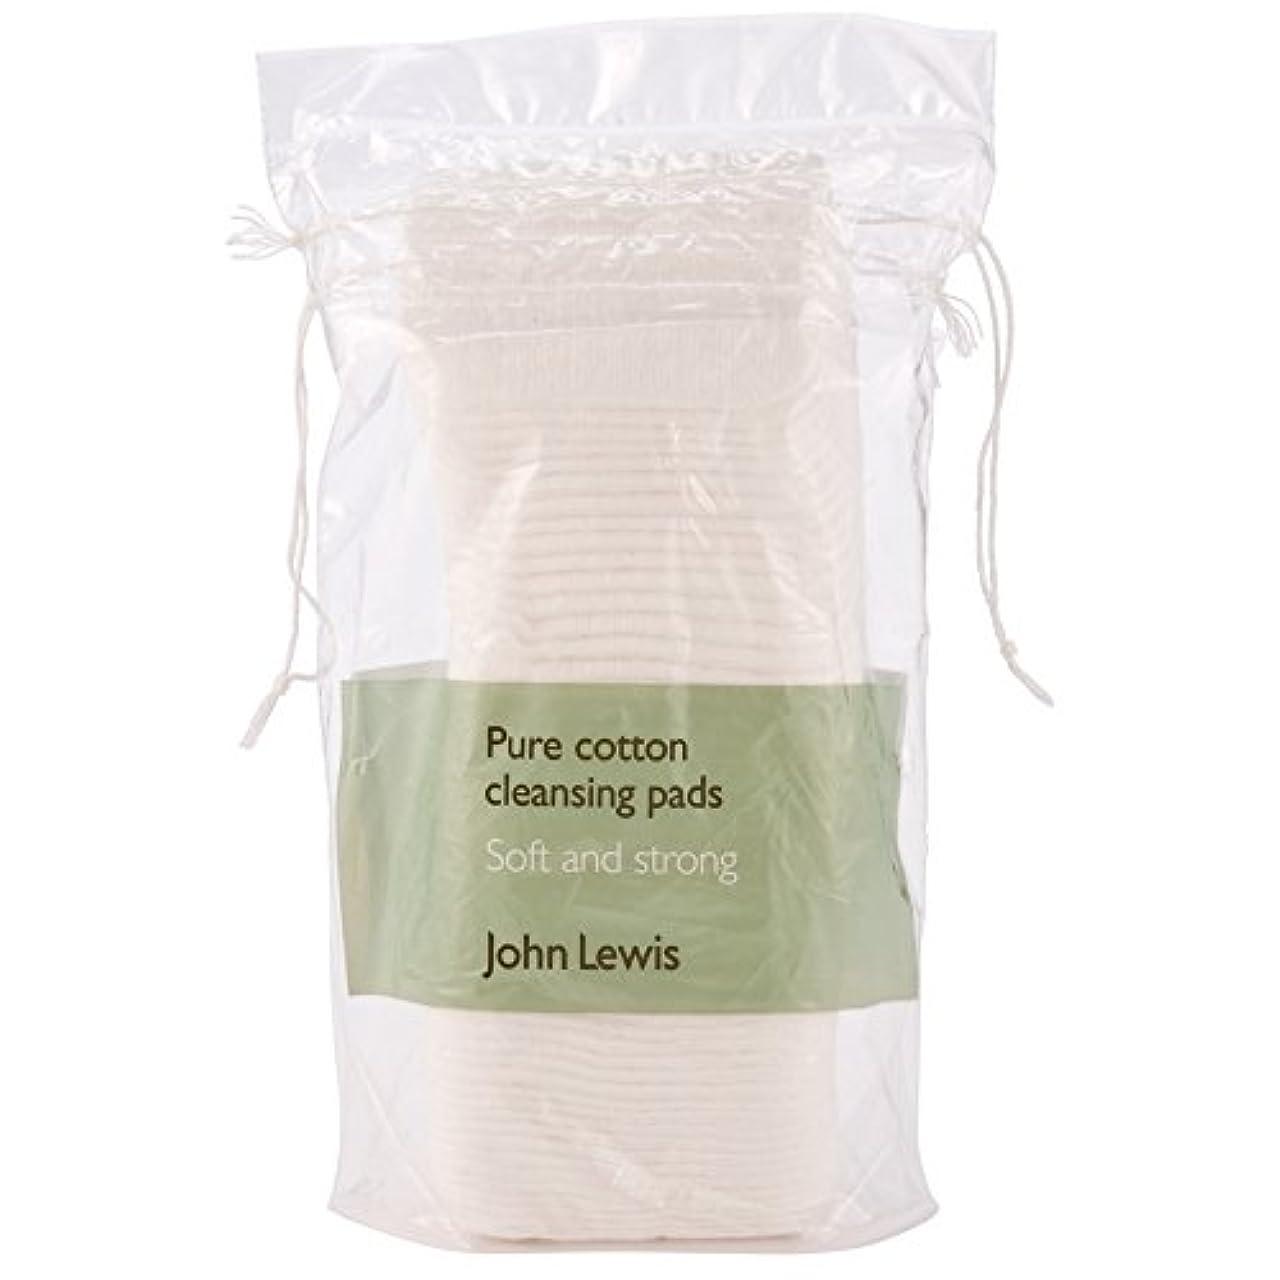 ナインへフランクワースリーであることジョン?ルイス純粋な綿のクレンジングパッド×50 (John Lewis) - John Lewis Pure Cotton Cleansing Pads x 50 [並行輸入品]